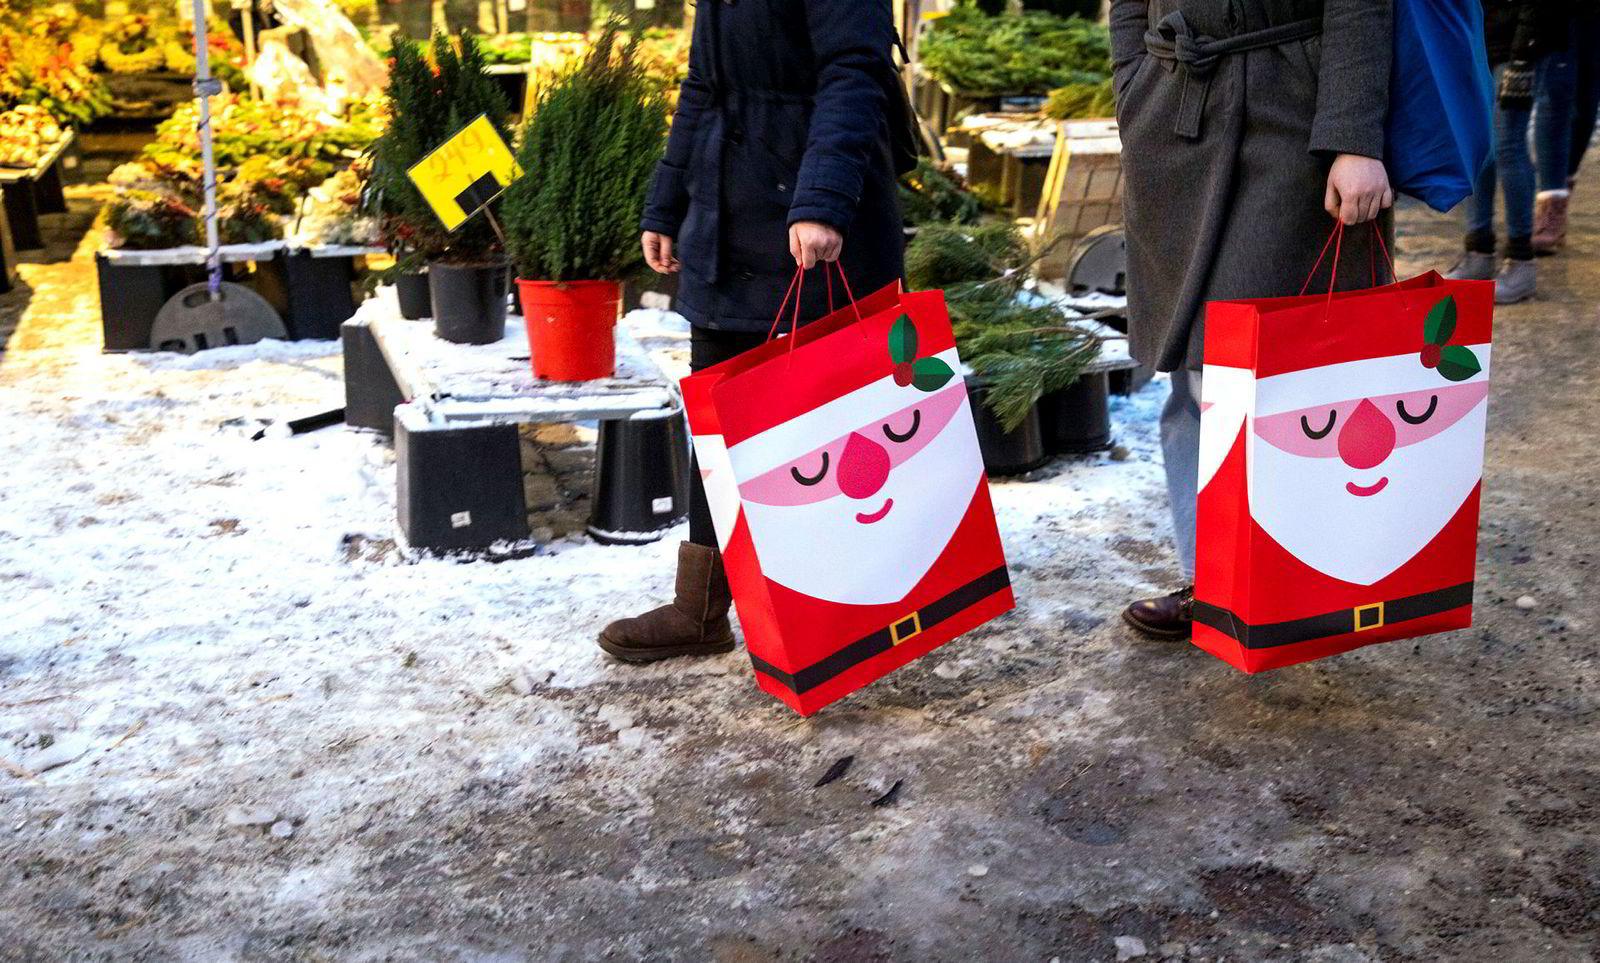 Julen nærmer seg. Nille-sjef Kjersti Hobøl tror man glemmer hvor mye kronen faktisk har svekket seg de siste årene.